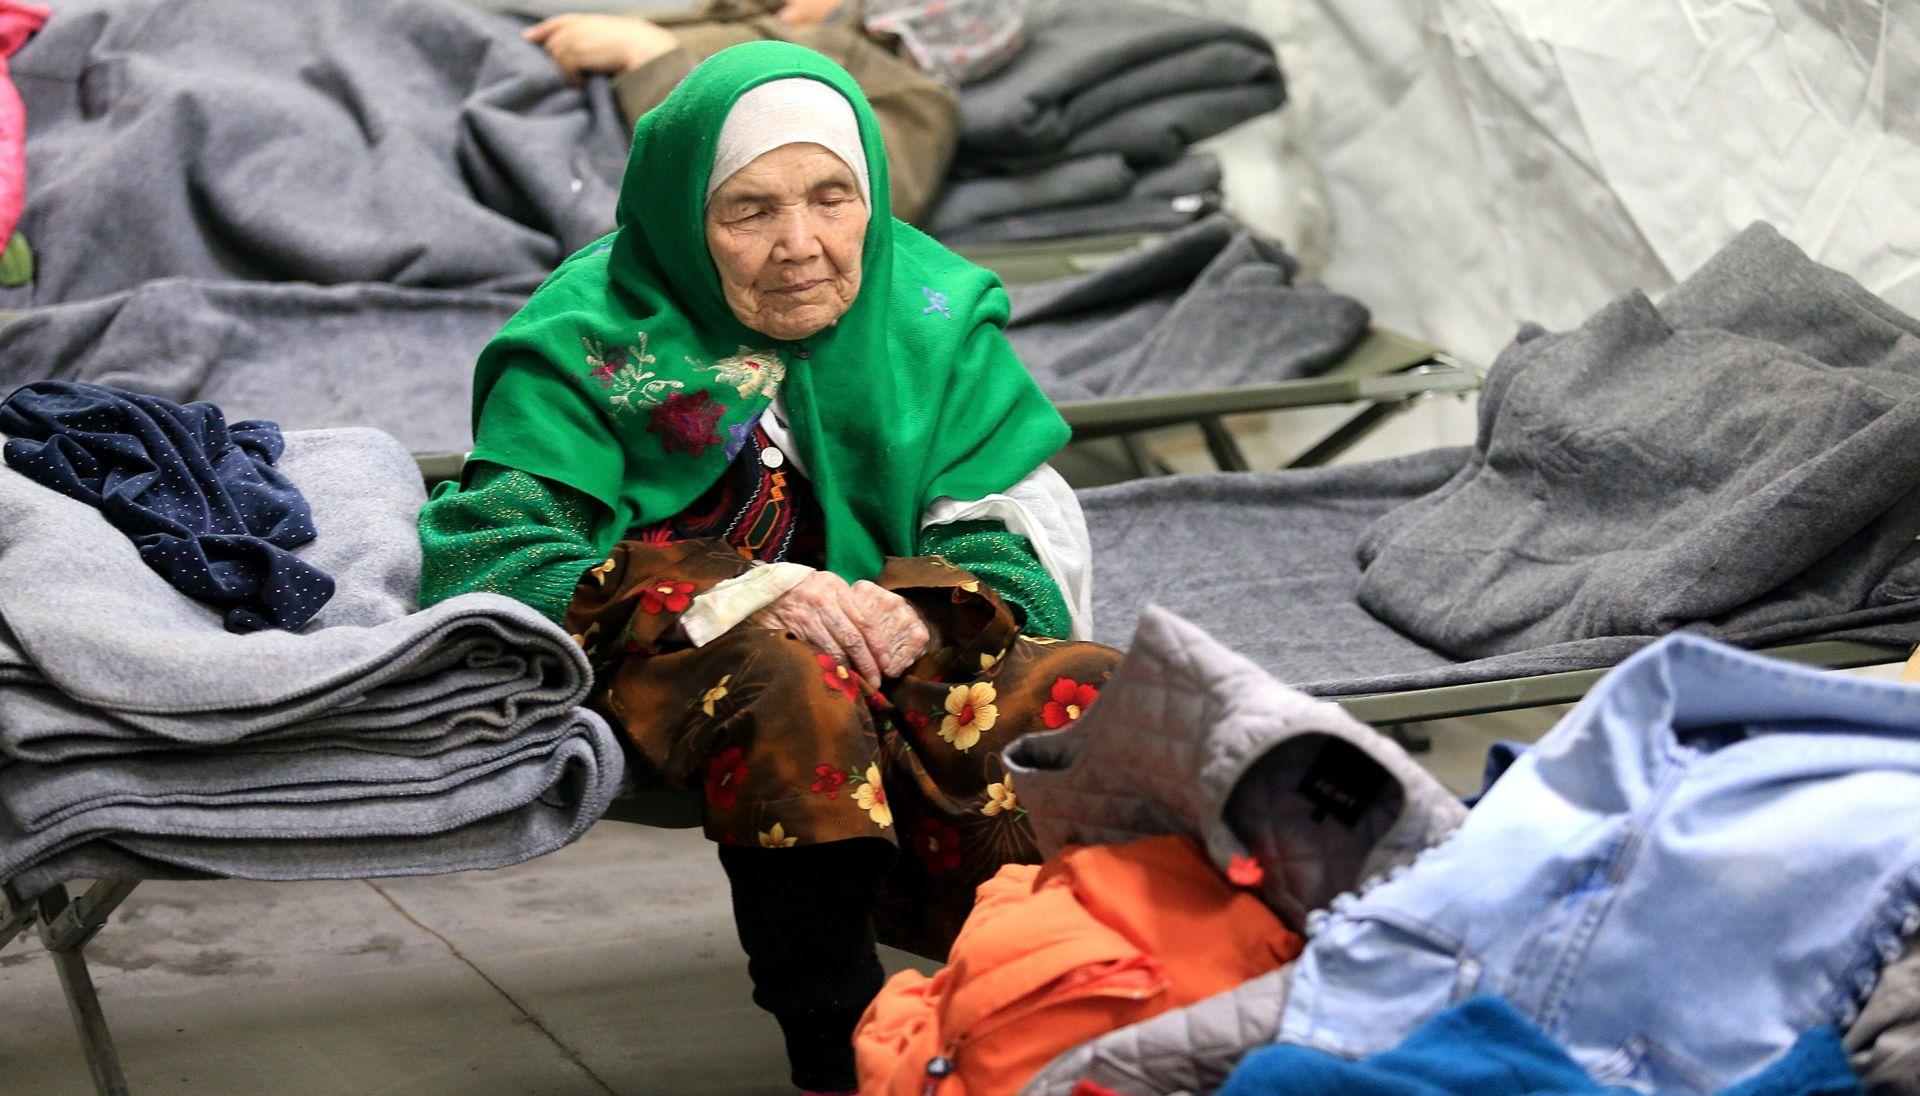 STIGLA I 105-GODIŠNJAKINJA Od ponoći do 15 sati u Hrvatsku ušlo 3520 migranata